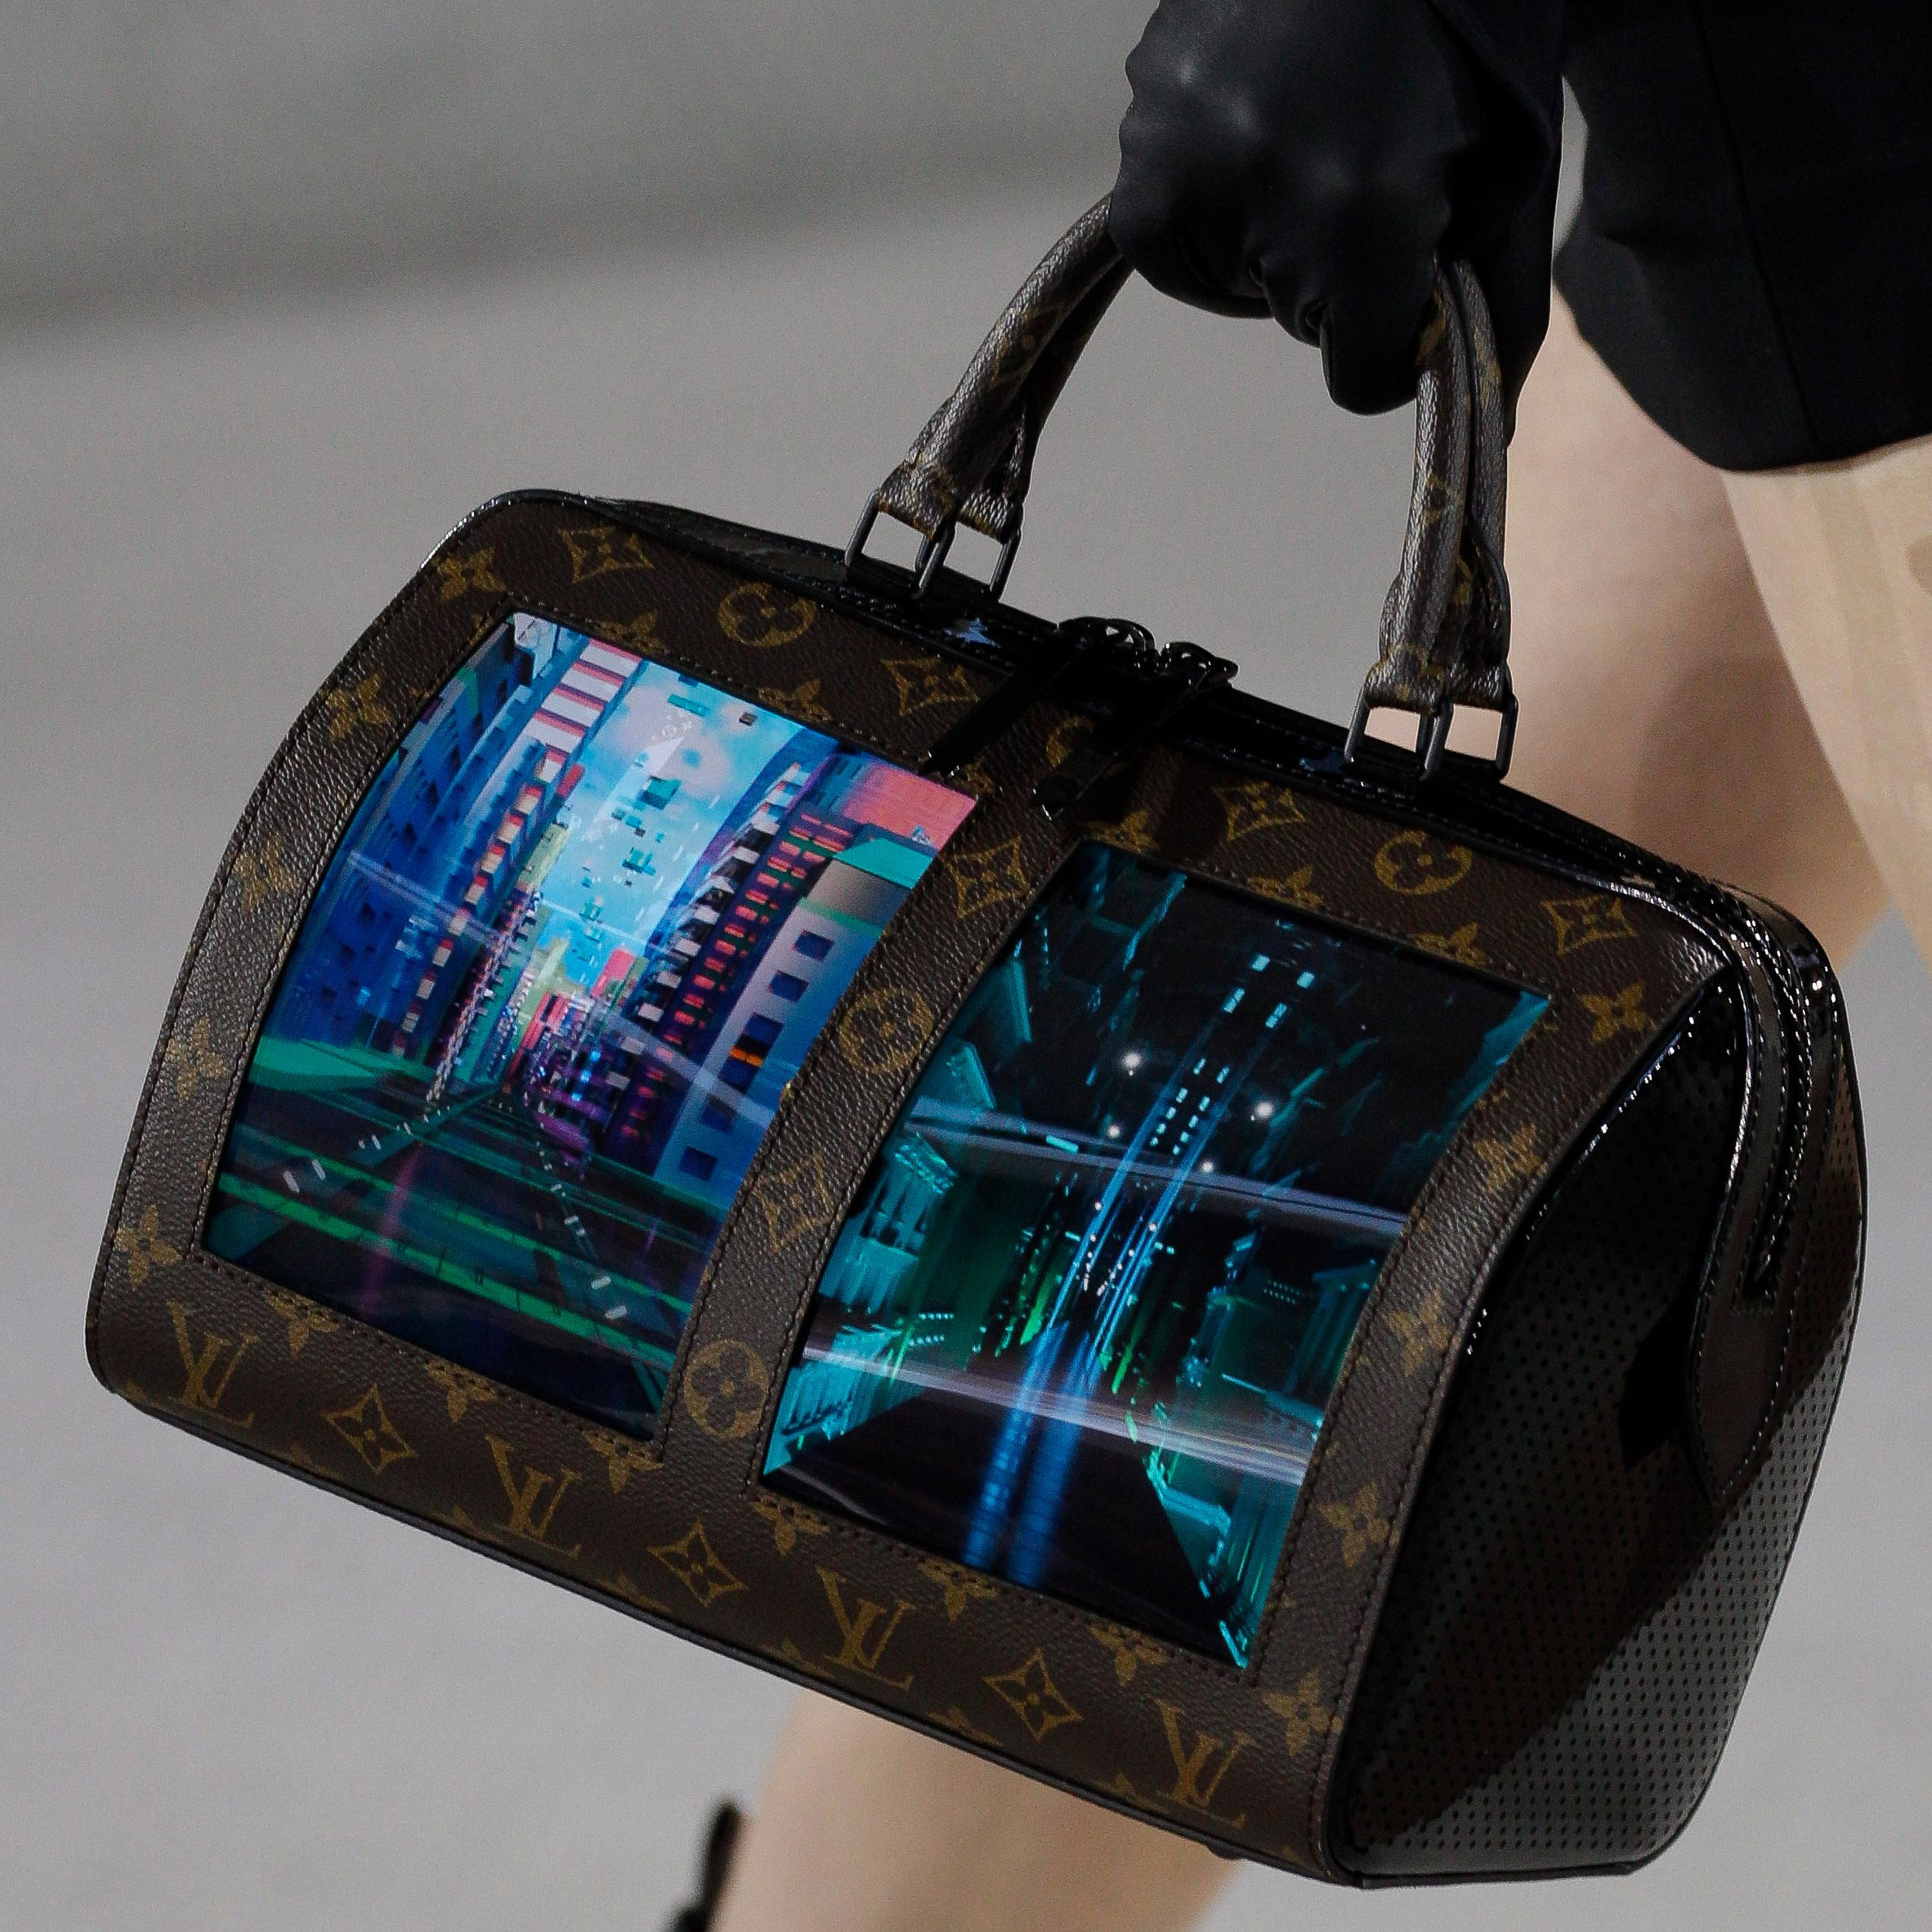 7dacce5f87 Louis Vuitton premieres